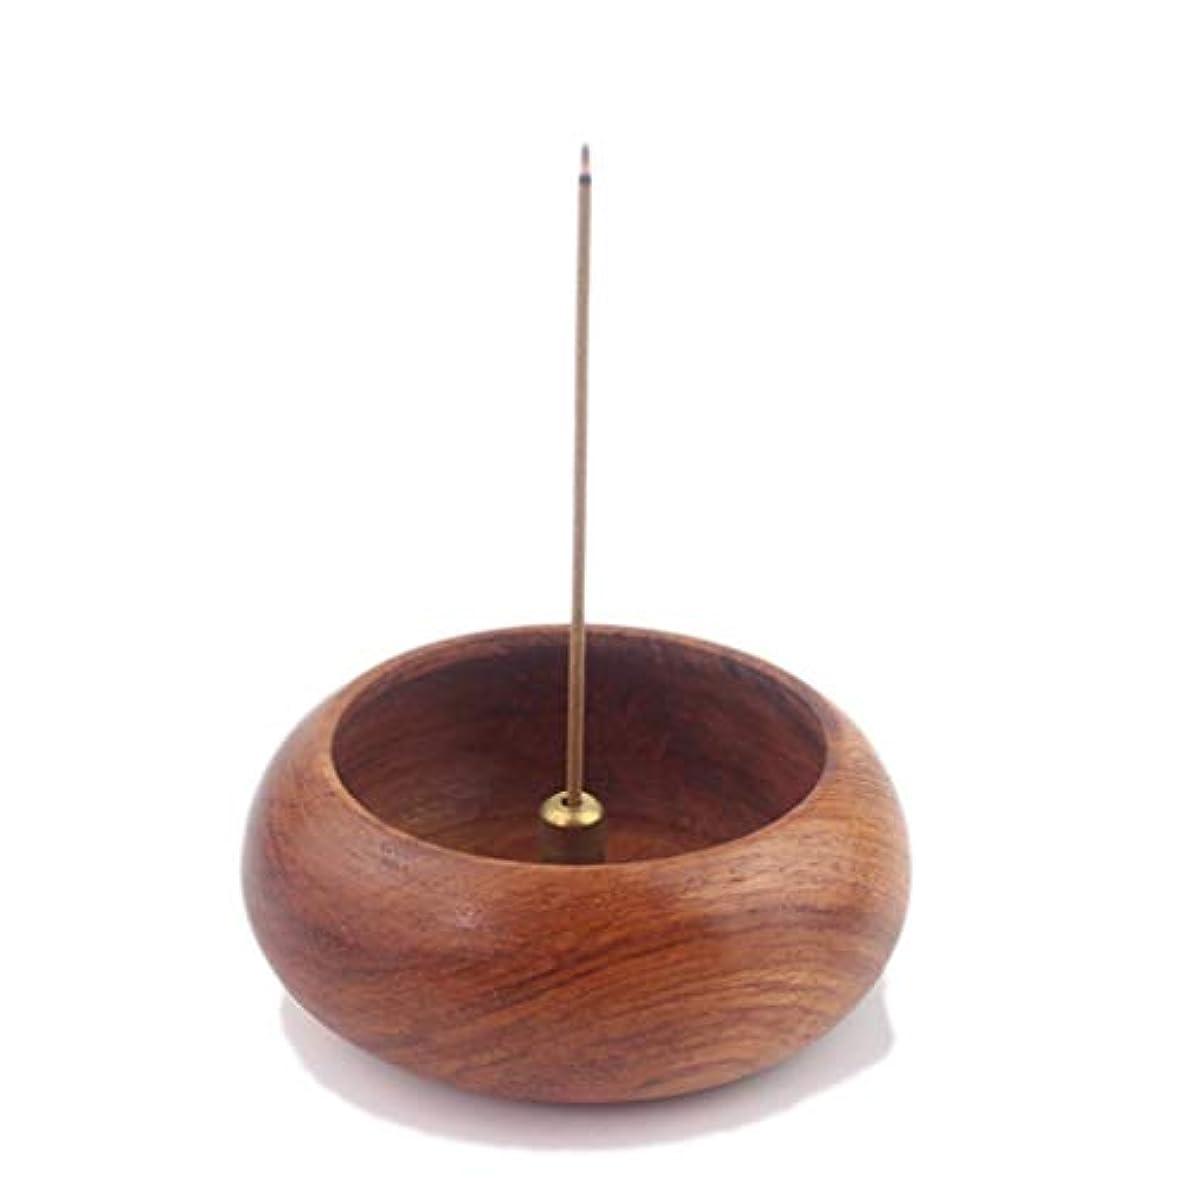 偽装する窒素プロトタイプローズウッドボウル型の香炉ホルダーホーム&キッチン炉香ホルダー装飾香スティックコーンバーナーホルダー (Color : Wood, サイズ : 2.44*0.94inches)